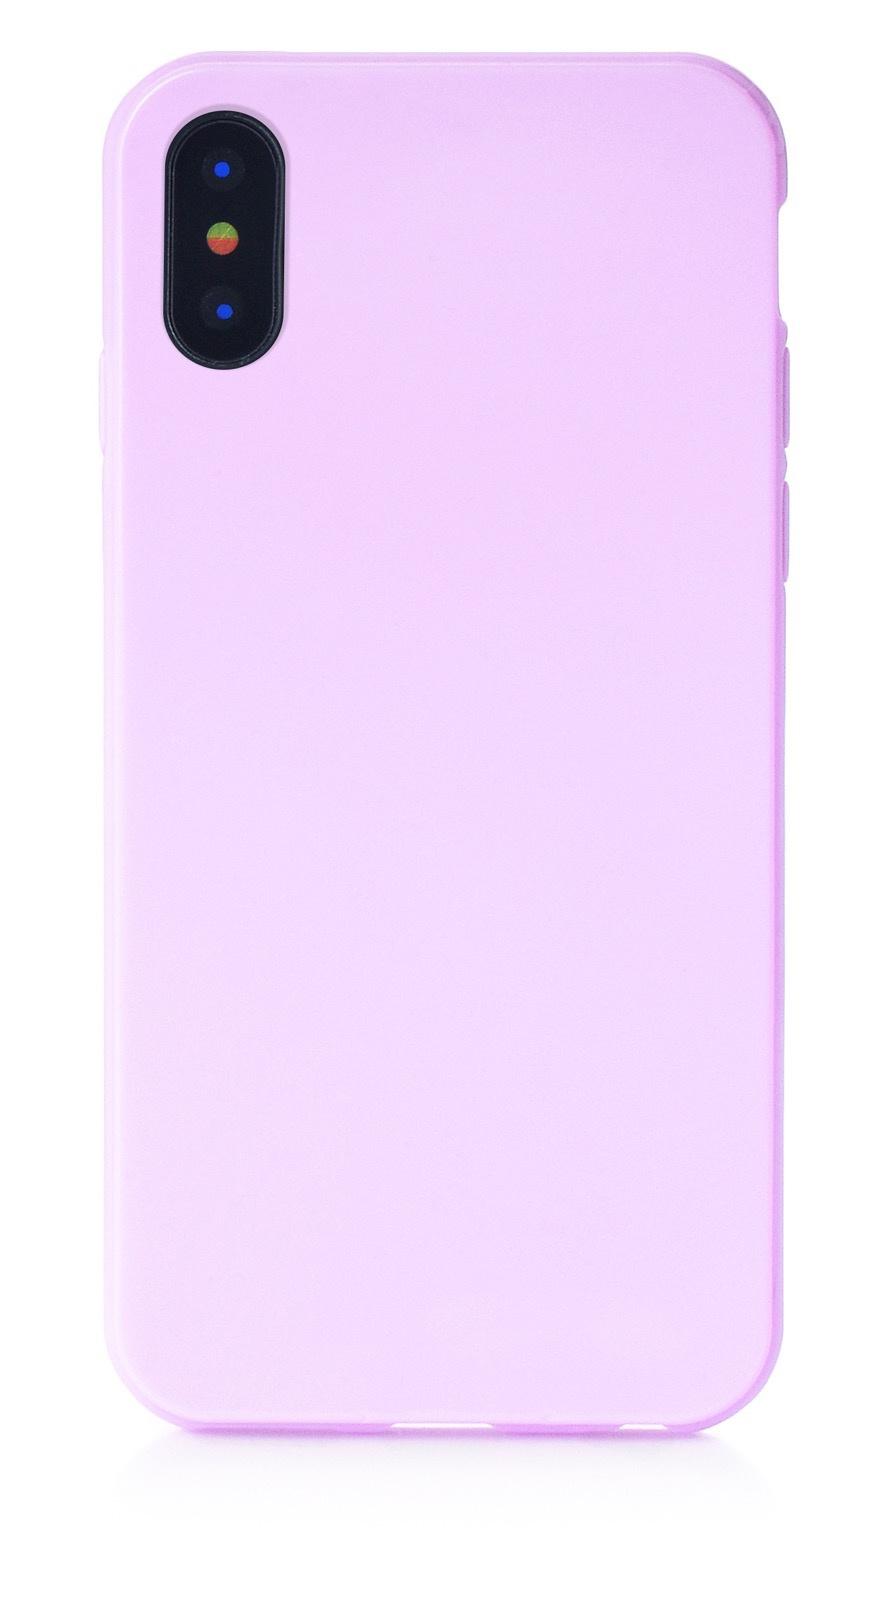 """Чехол для сотового телефона iNeez накладка силикон мыльница 905037 для Apple Iphone X/XS 5.8"""", сиреневый"""